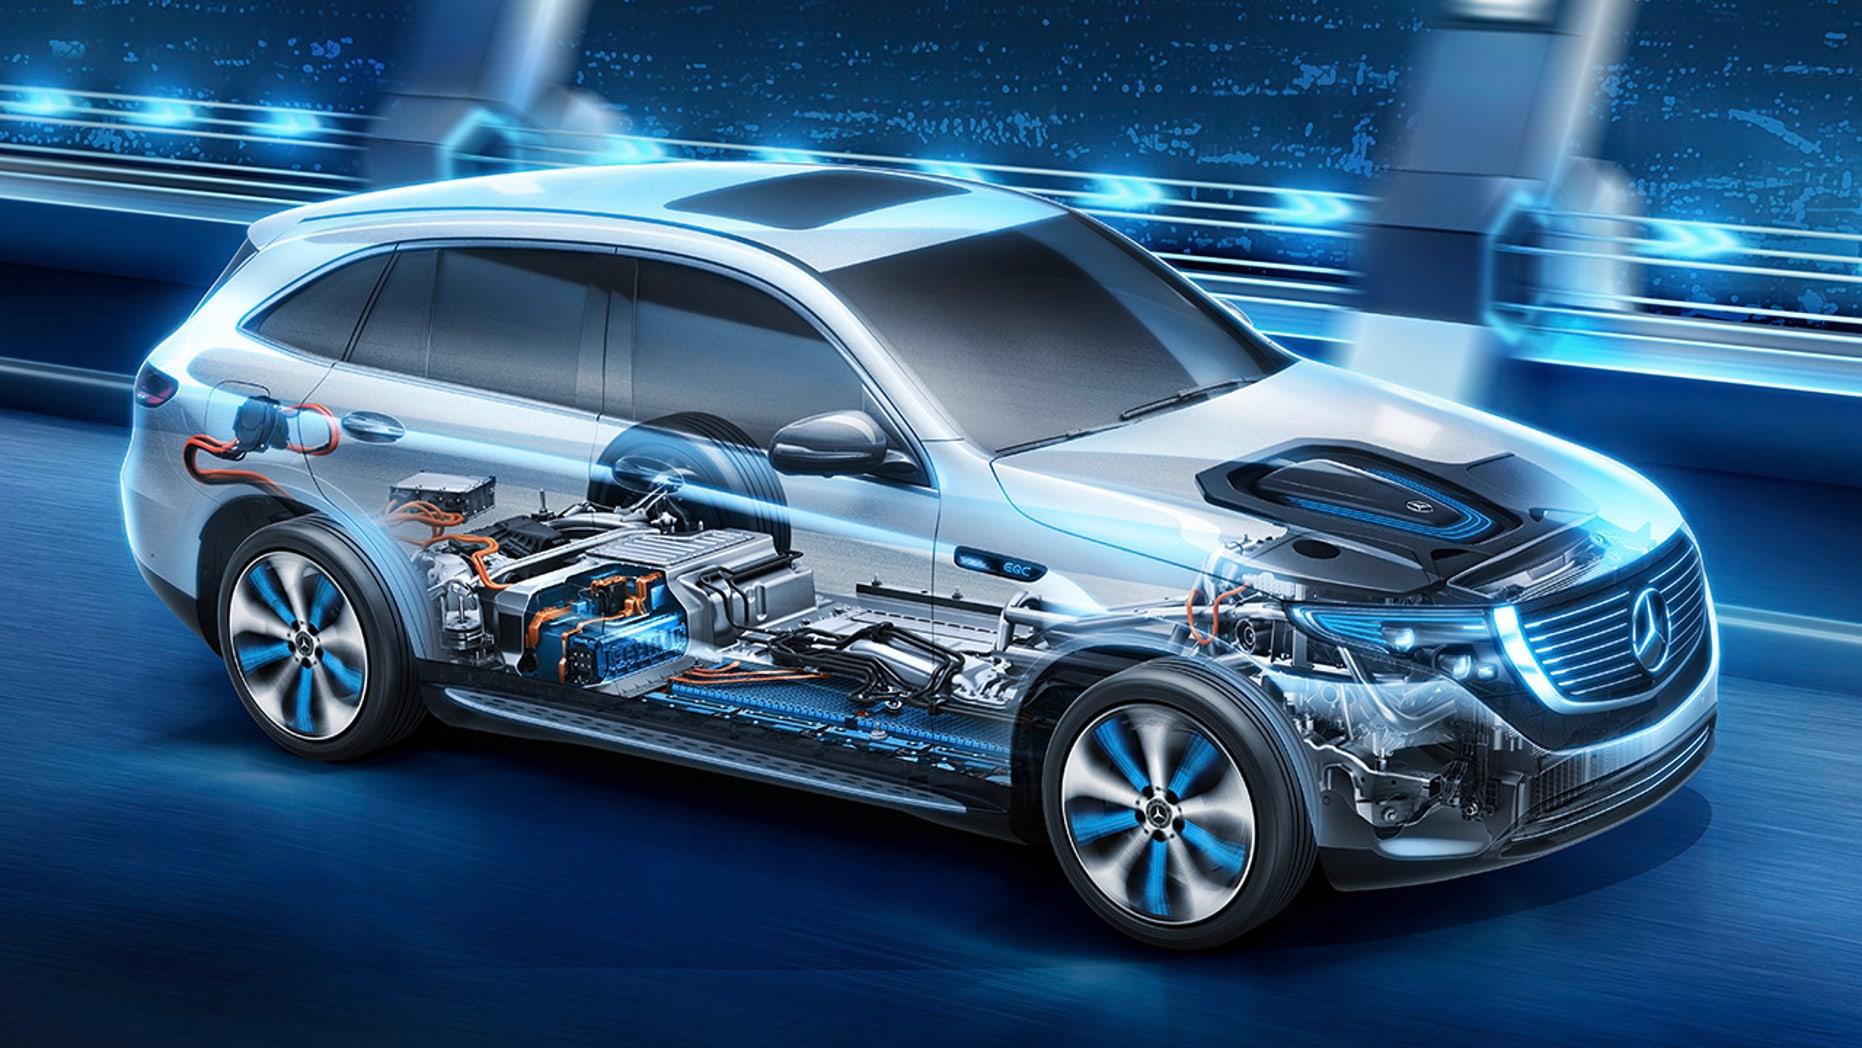 Der Mercedes Benz Eqc Trà Gt An Vorder Und Hinterachse Je Einen Kompakten